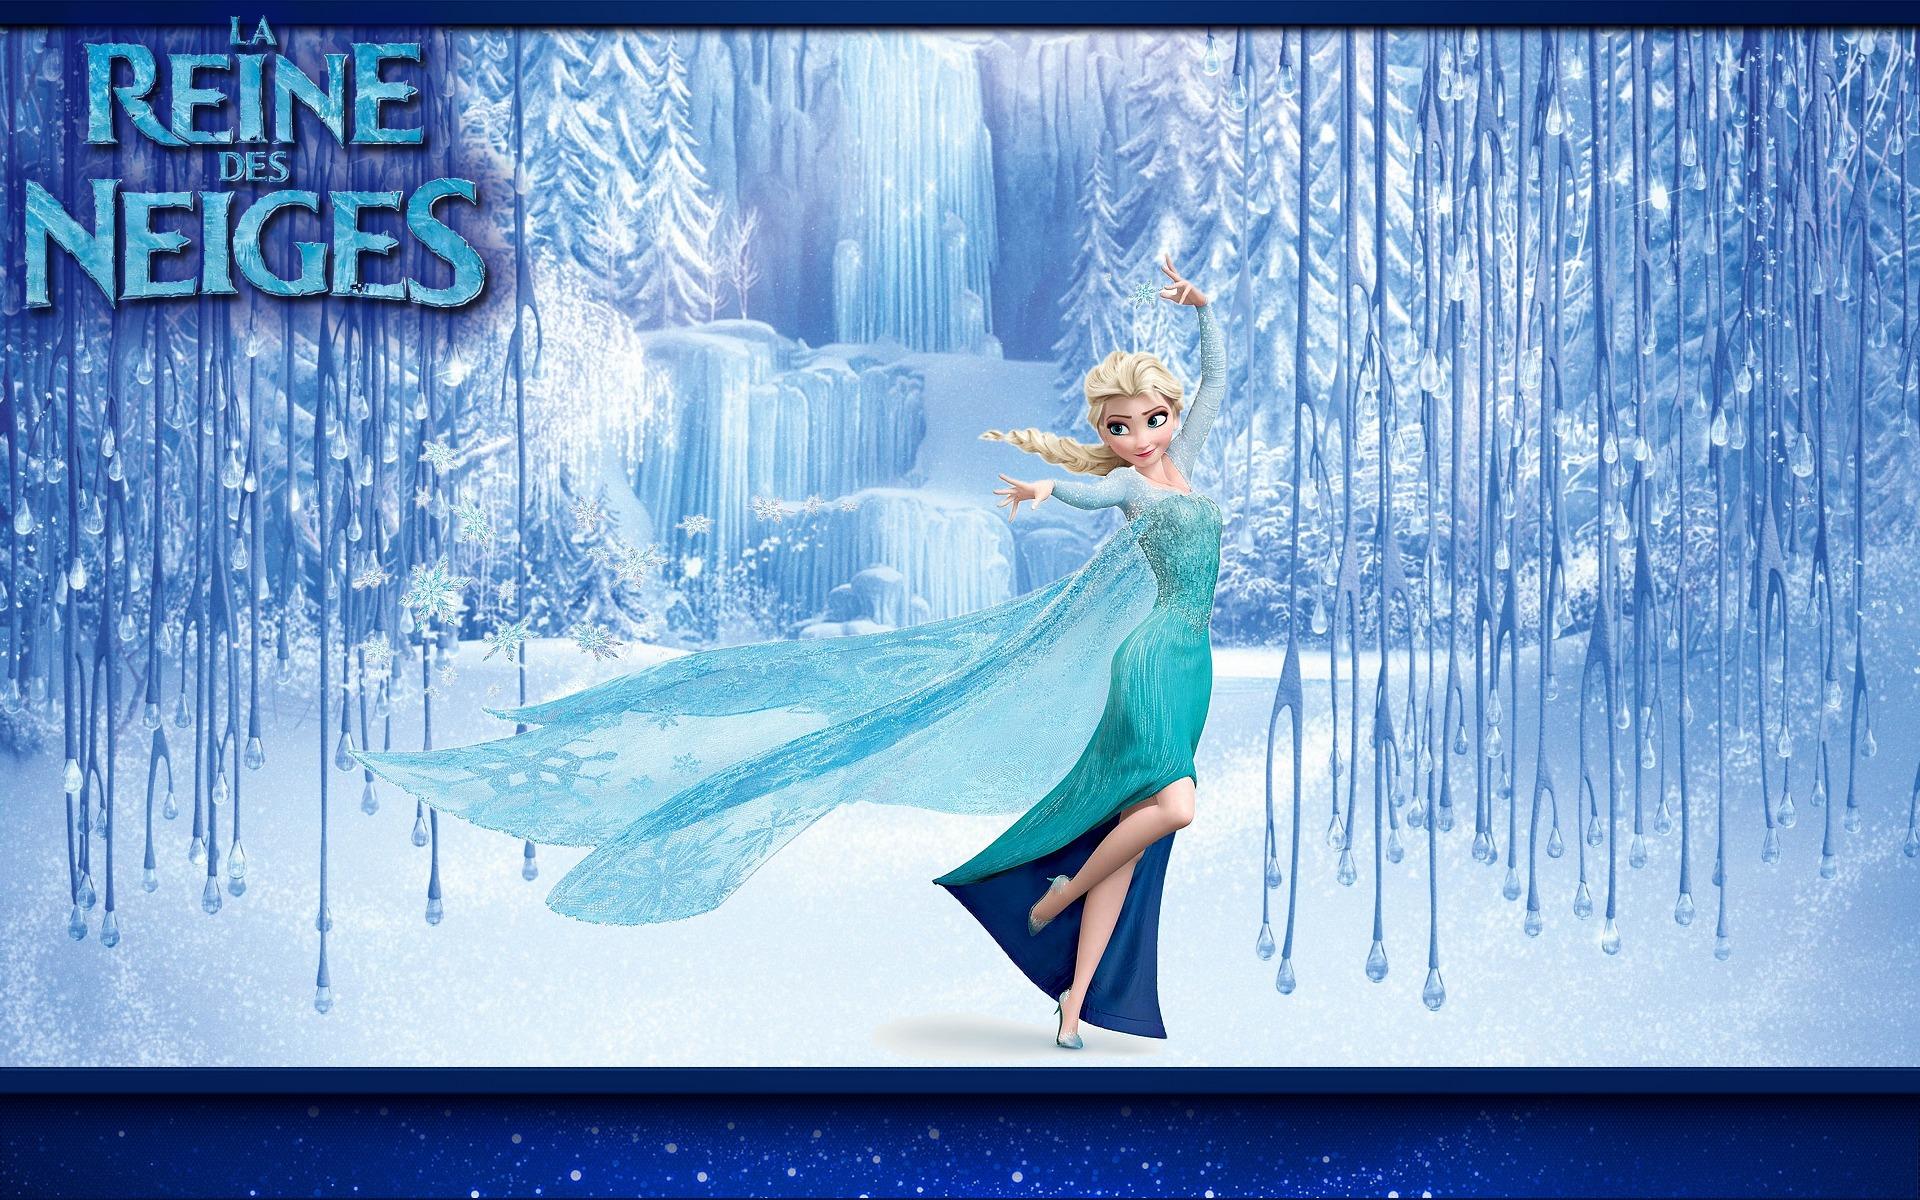 Fond d 39 cran reine des neiges images disney pixar - Telechargement de la reine des neiges ...